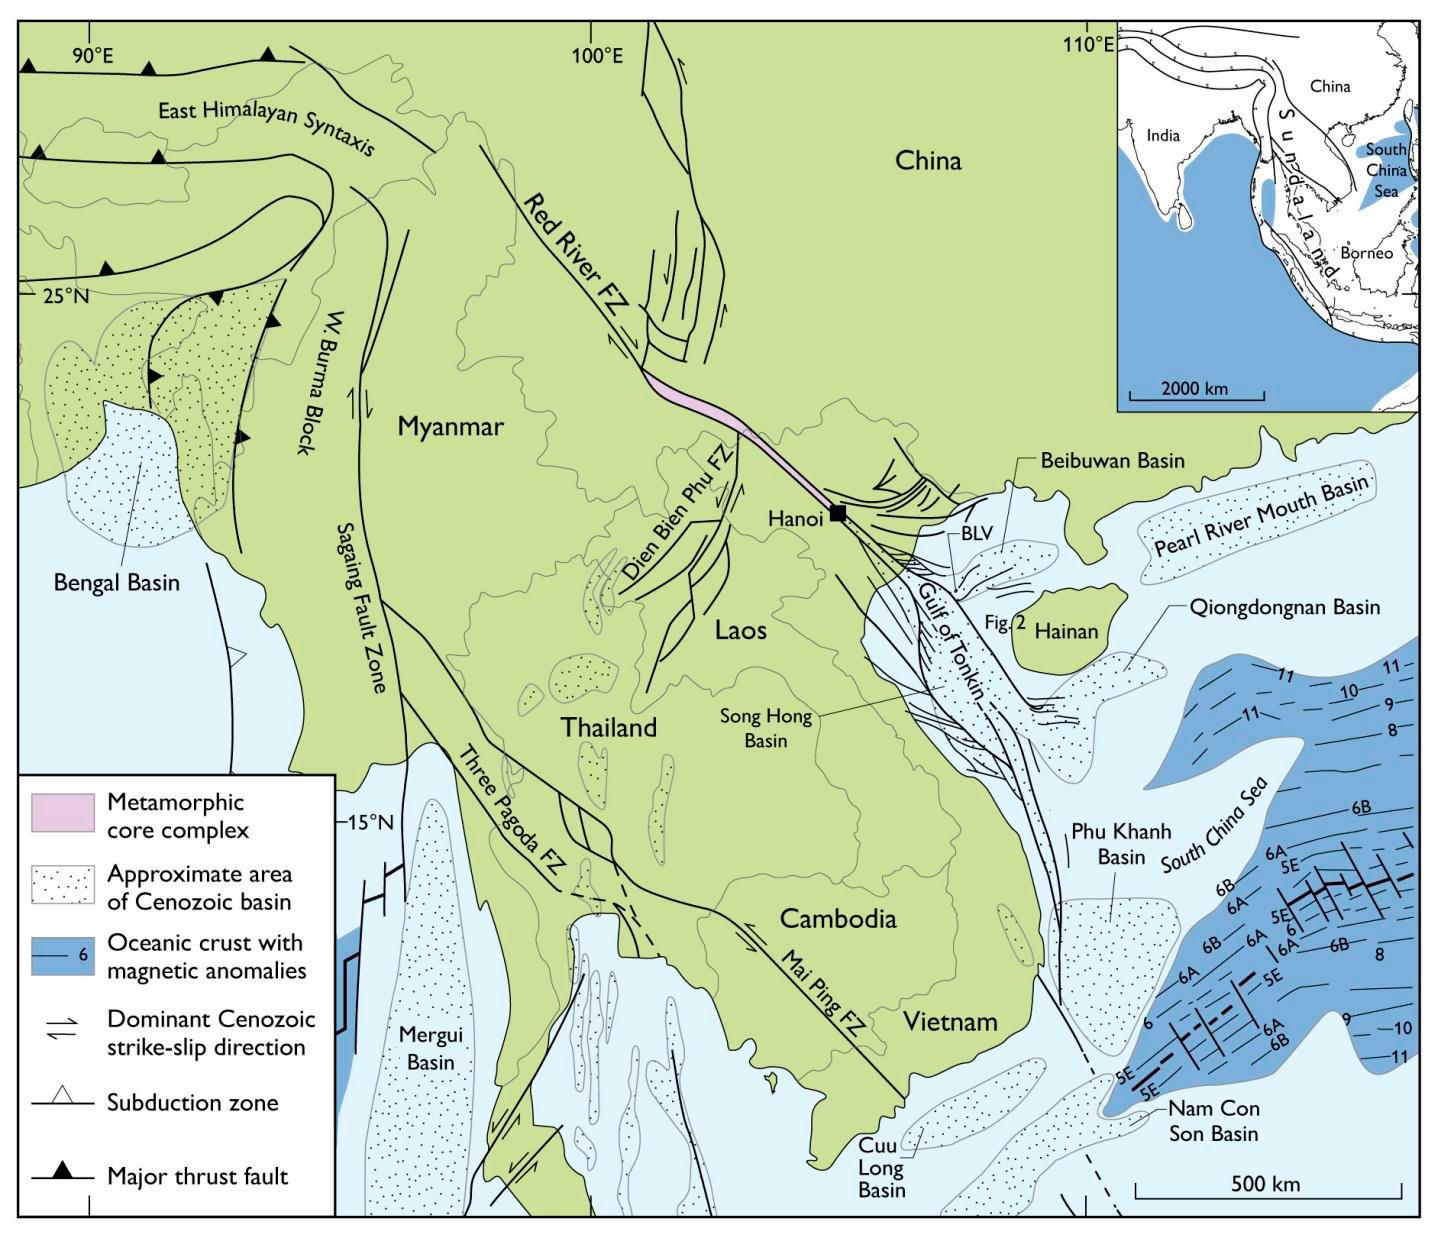 Oversigt over forkastningssystemer og sedimentbassiner i studieområdet. / Overview of fault systems and sedimentary basins in the study area.